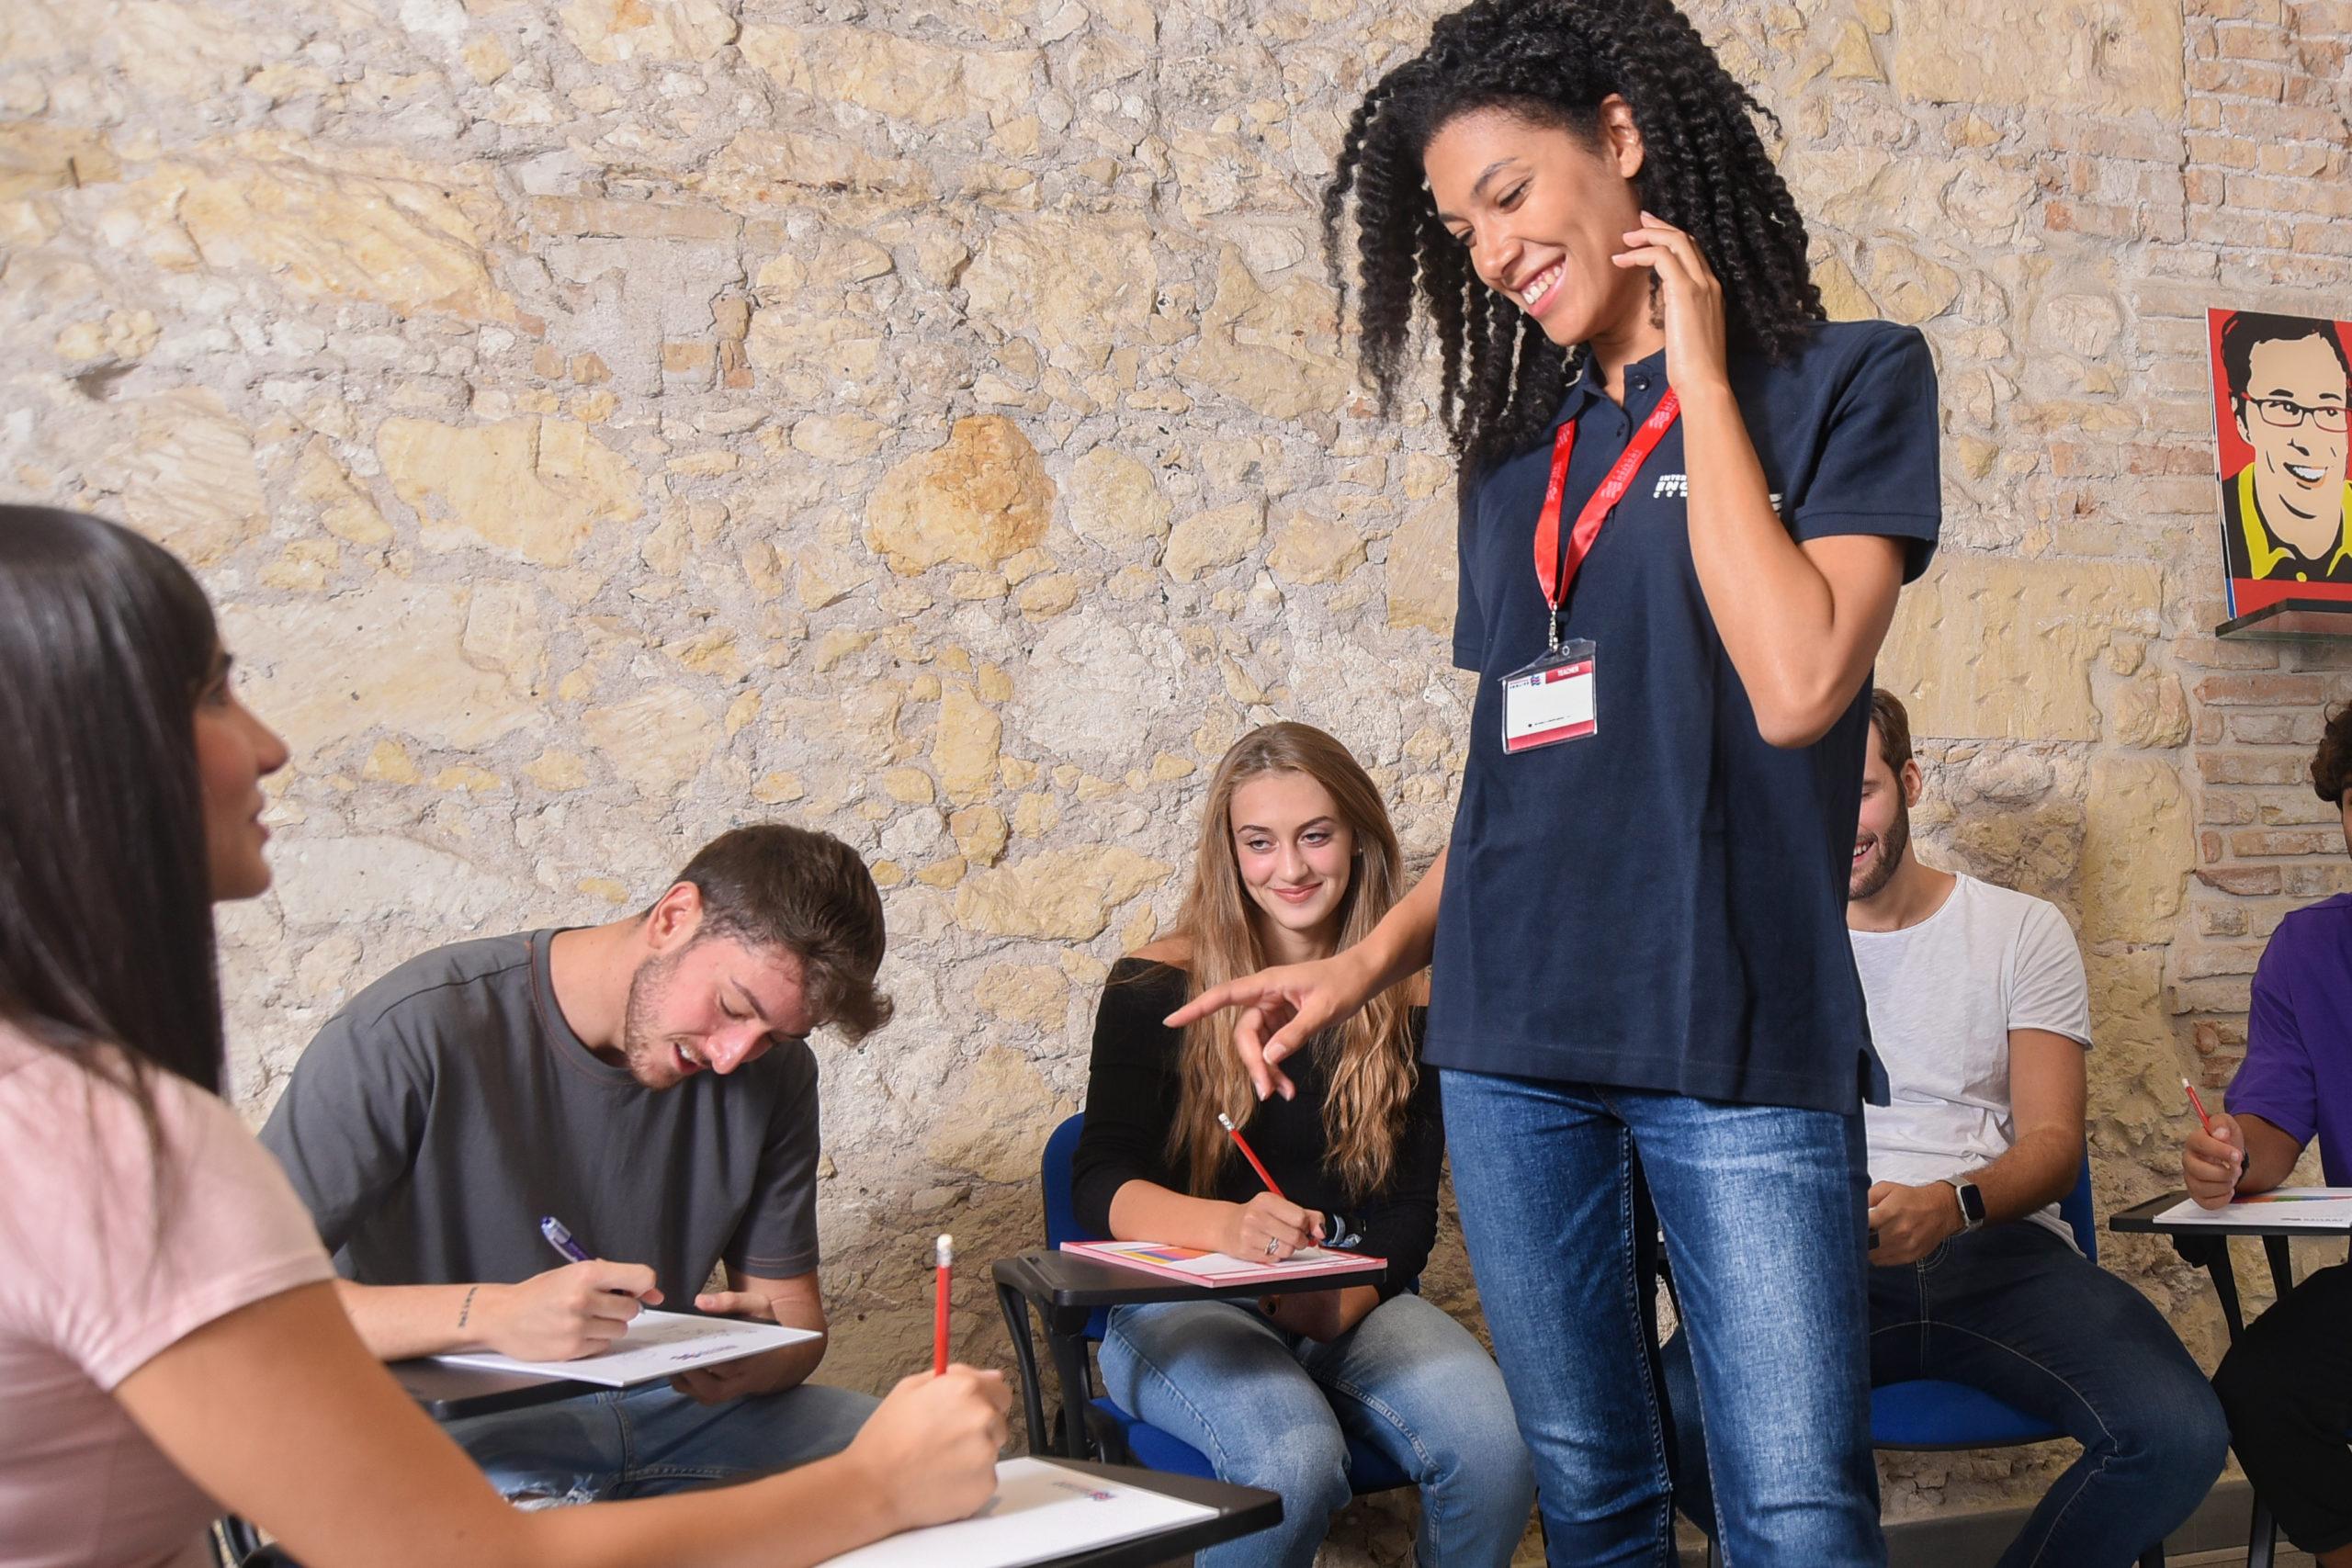 La foto ritrae una docente International English Centre in piedi al centro dell'aula durante un corso di inglese con degli studenti